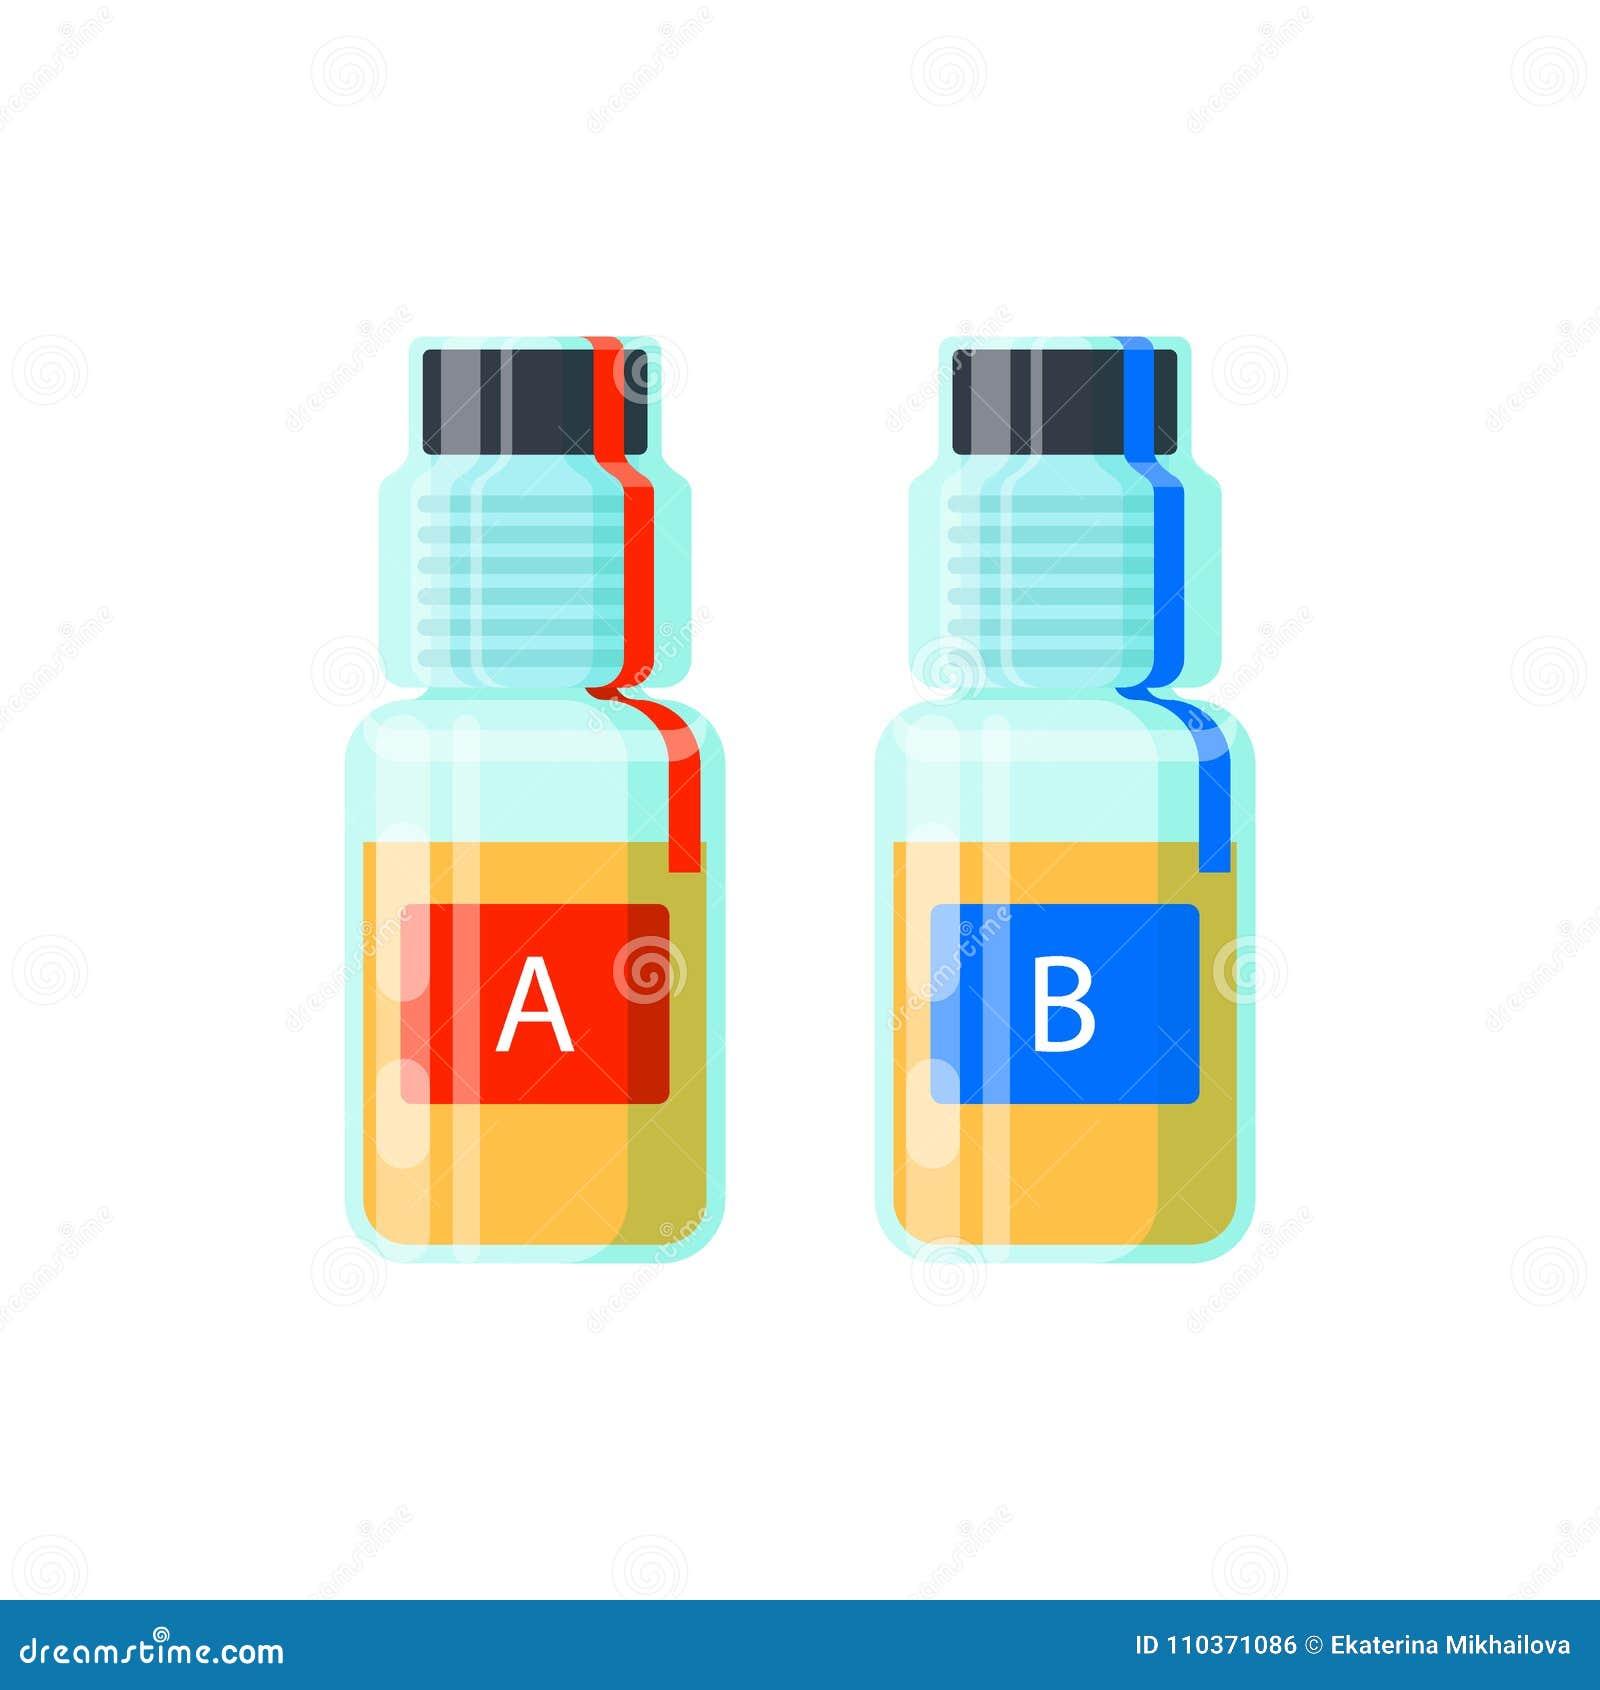 Δύο σωλήνες εξετάσεων ούρων για την ανάλυση της νάρκωσης - εξετάστε το Α και το Β, σφραγισμένες αποδείξεις για τον έλεγχο ελέγχου